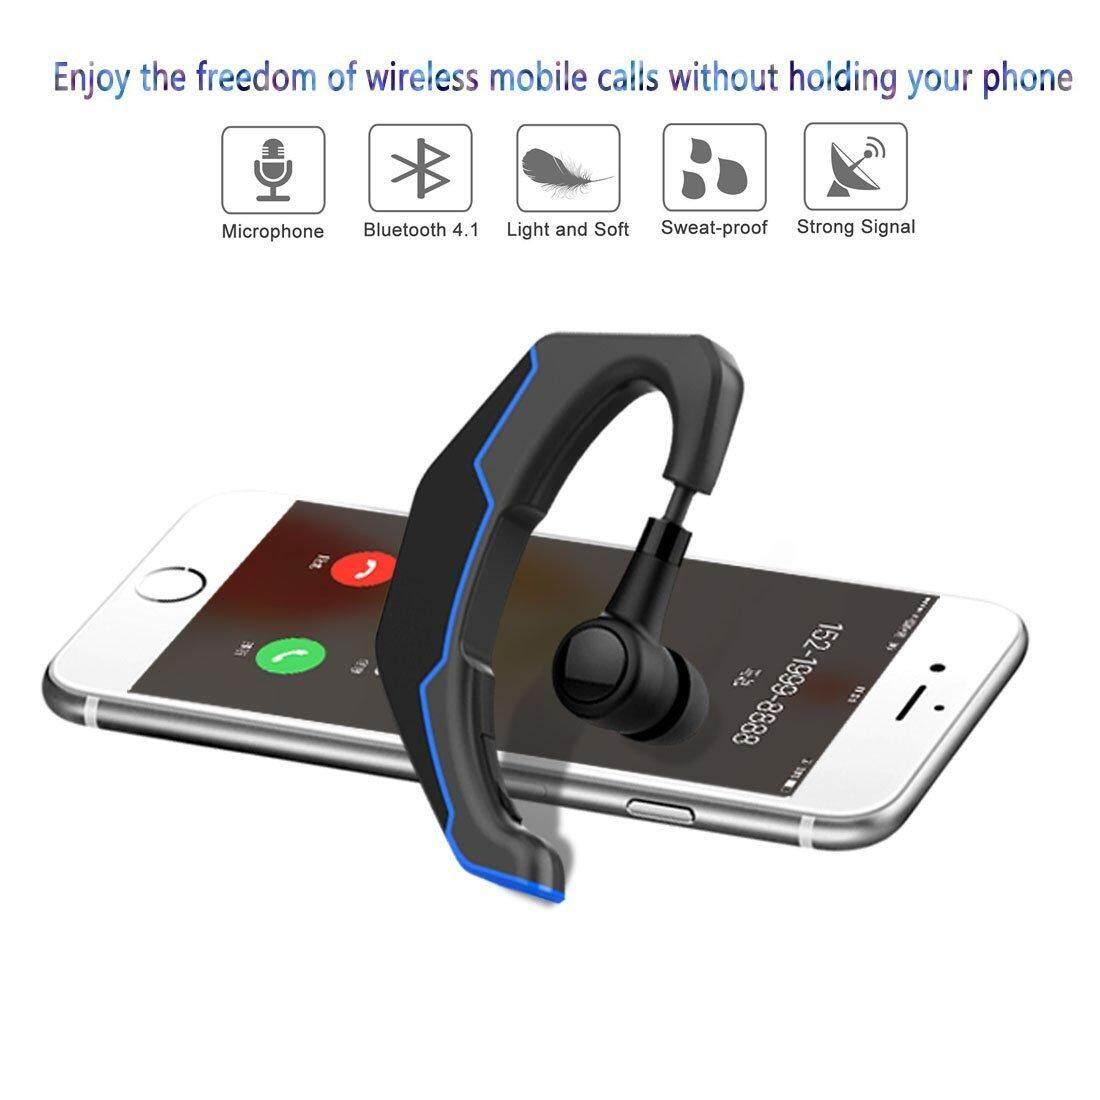 Bluetooth Earpiece Handsfree In Ear Headset Comfortable Lightweight (Grey/Black) 2 Year Warranty